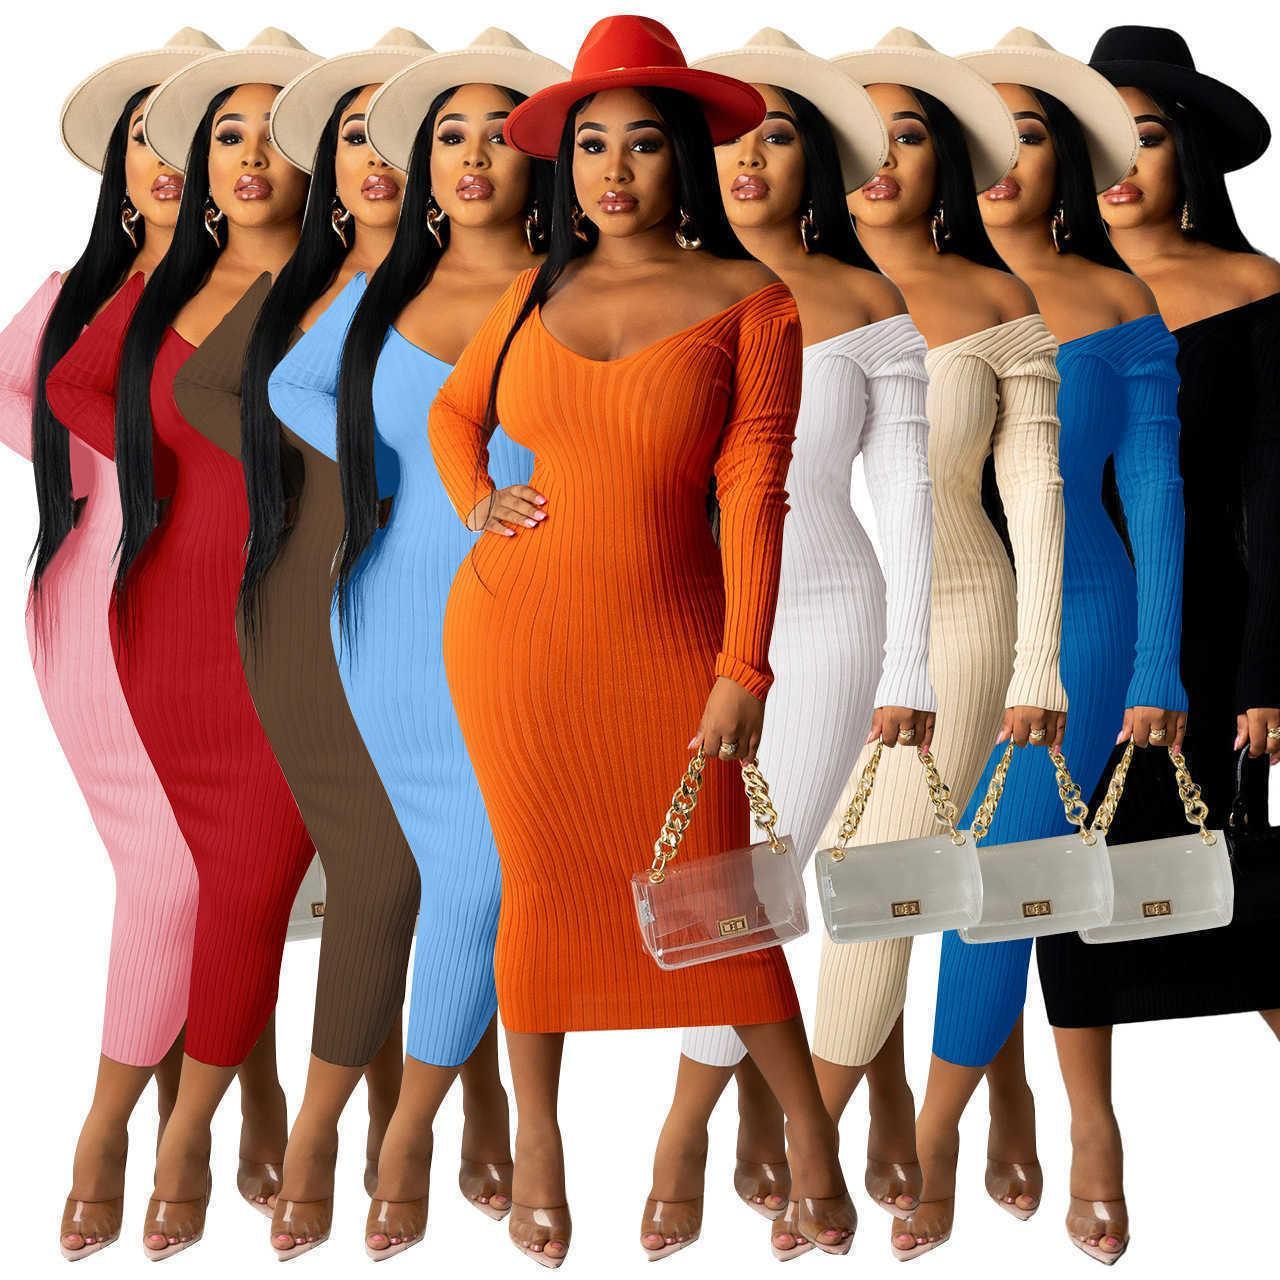 2020 가을 겨울 캐주얼 드레스 후드 스웨터 긴 소매는 여성을위한 편지 드레스를 인쇄 여자